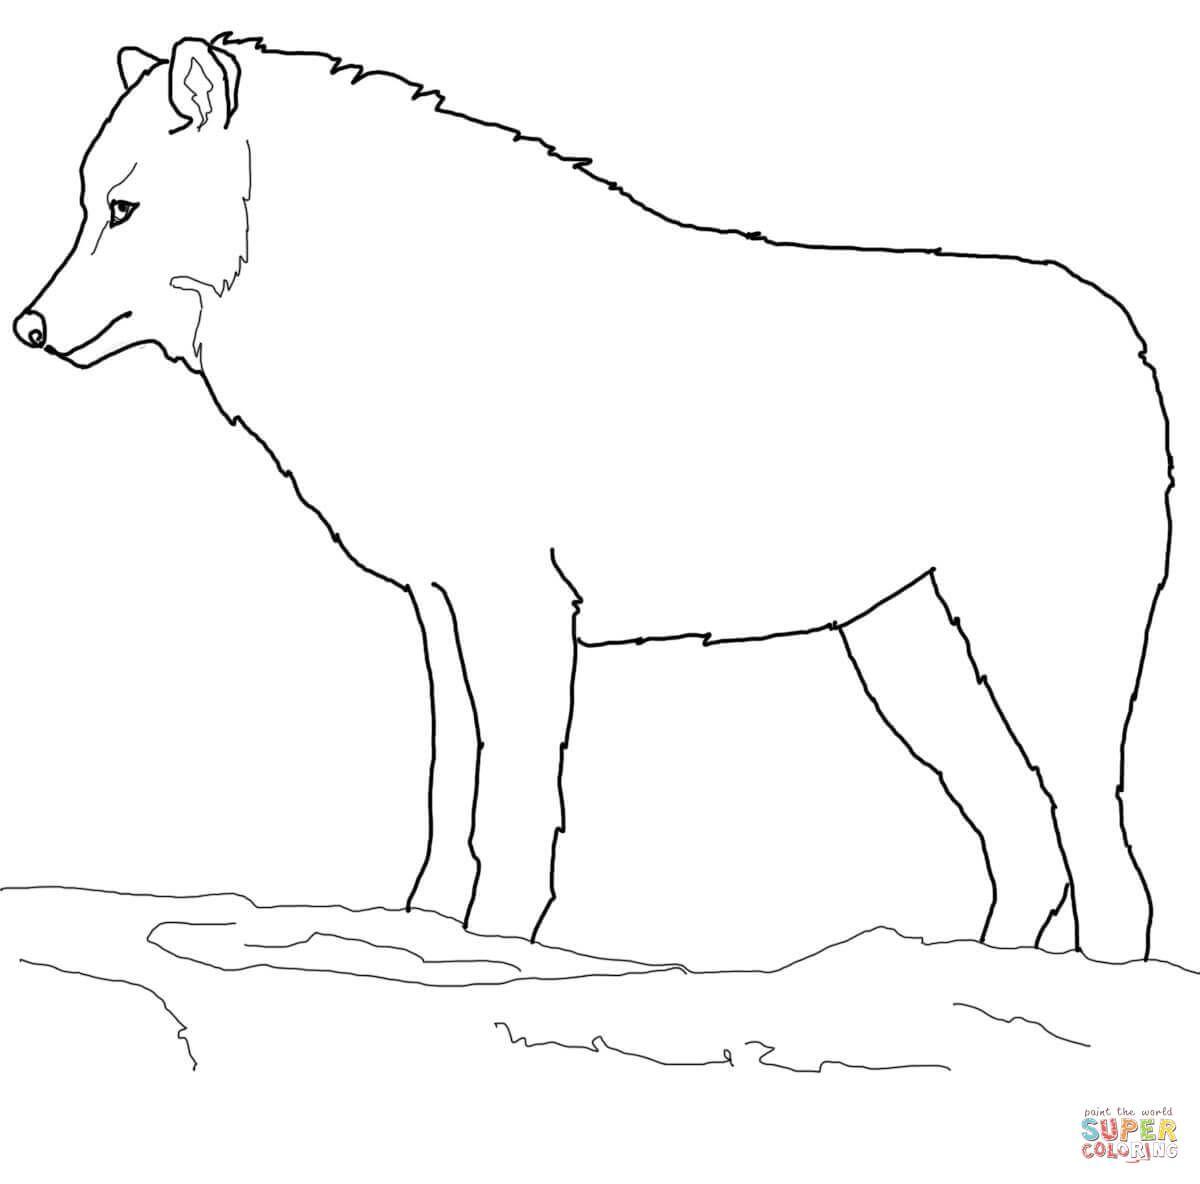 Dibujos Siluetas De Animales Disegno Di Il Lupo Artico Da Colorare Disegni Da Colorare E Stampare Lupo Artico Disegni Da Colorare Disegni